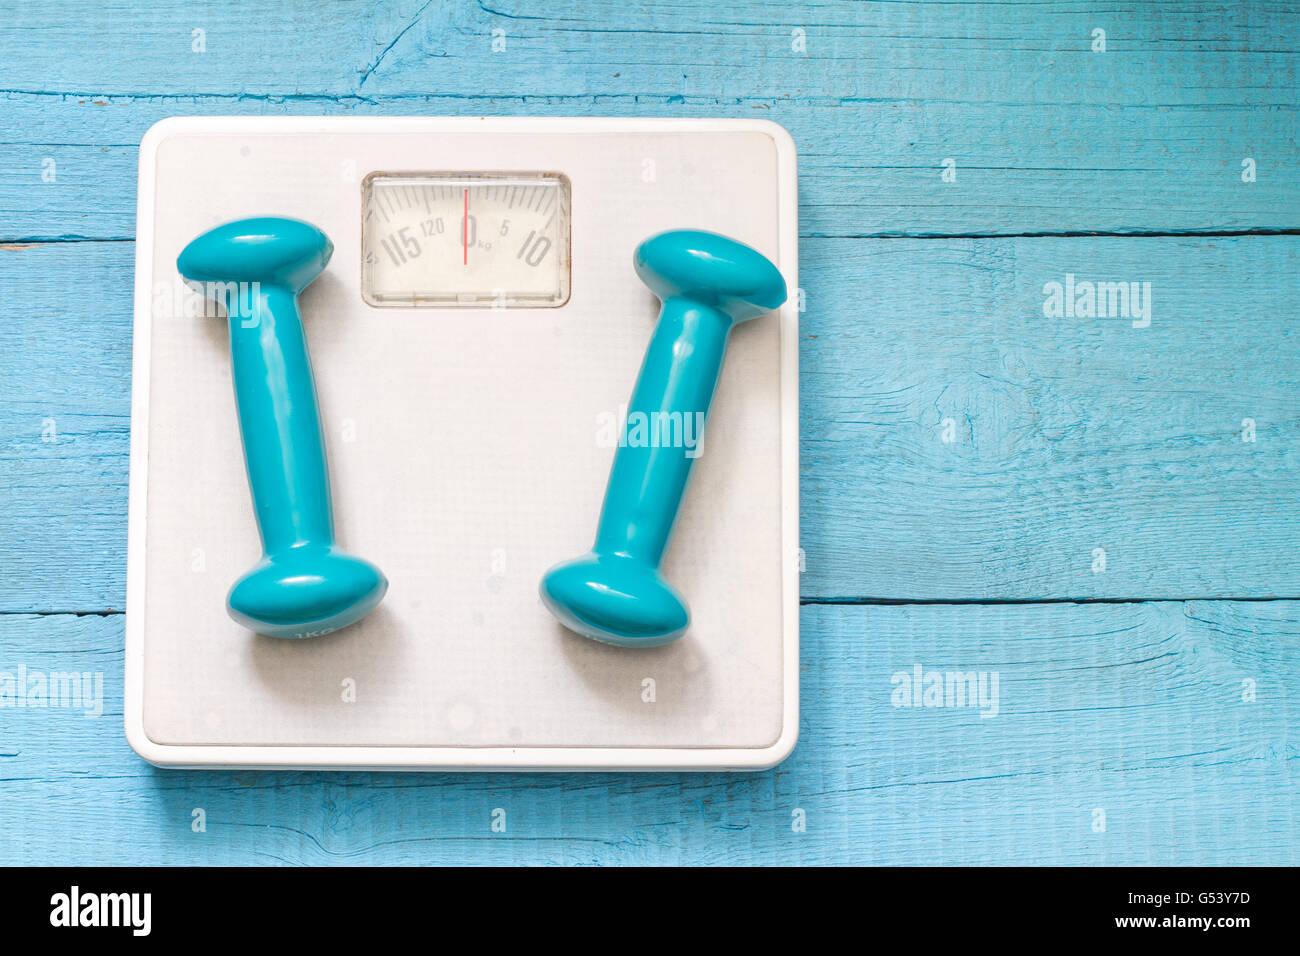 Régime alimentaire et de remise en forme concept abstrait avec haltères libre Photo Stock